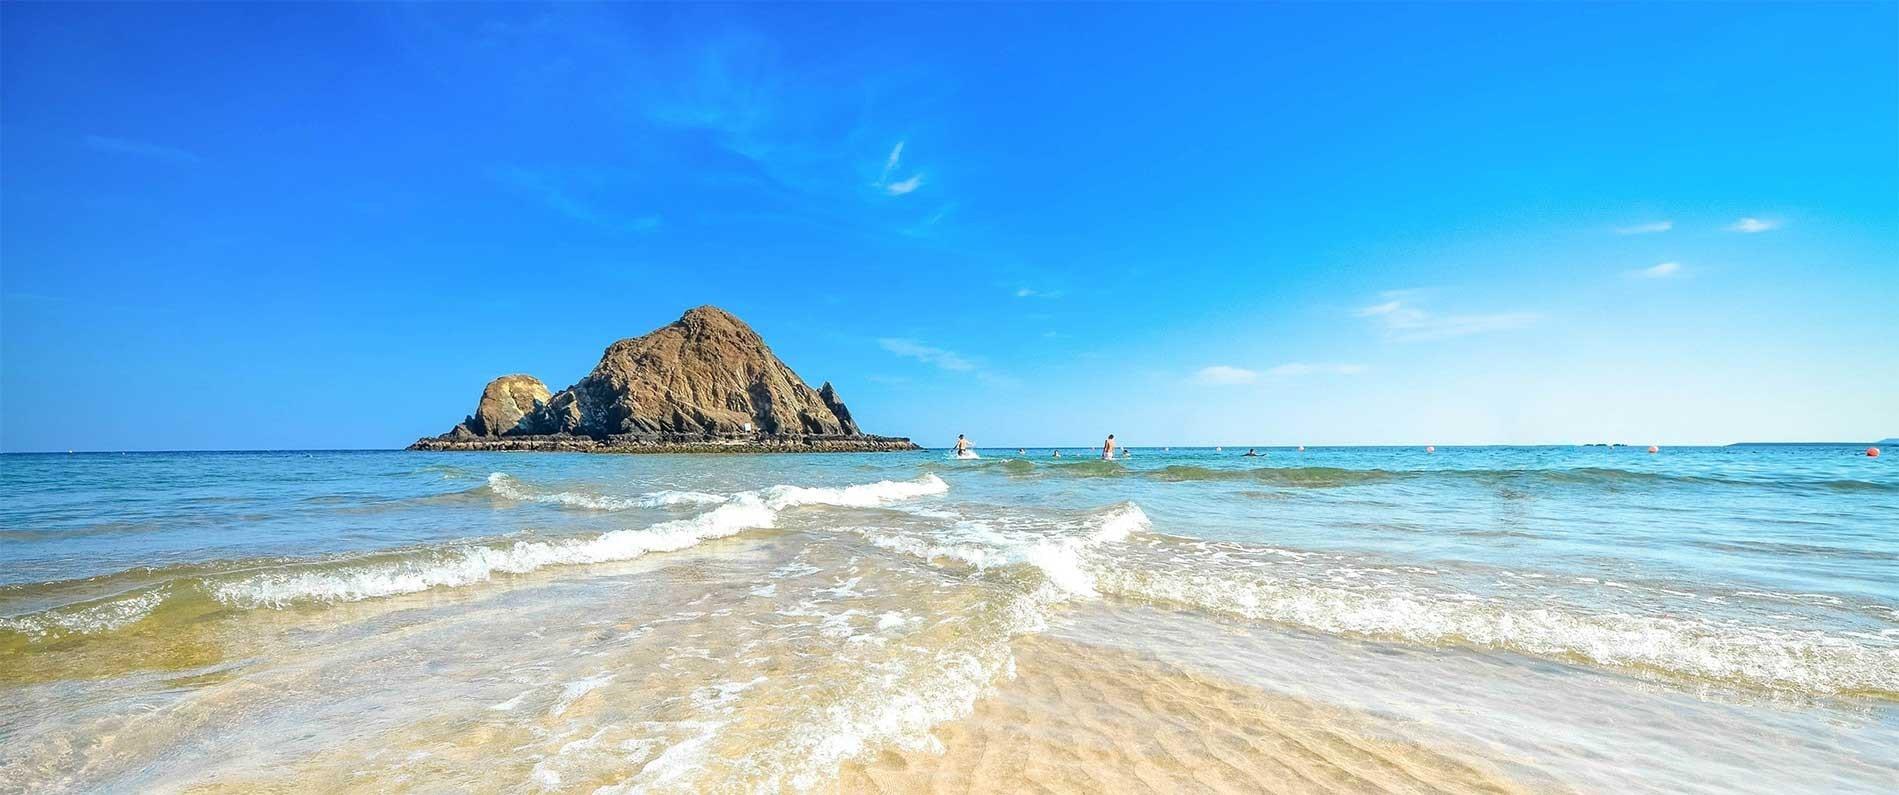 Поездка к Индийскому океану – это не только отдых на пляже, но и  калейдоскоп незабываемых впечатлений, связанных со знакомством с загадочной  культурой и ... a5727a88b92